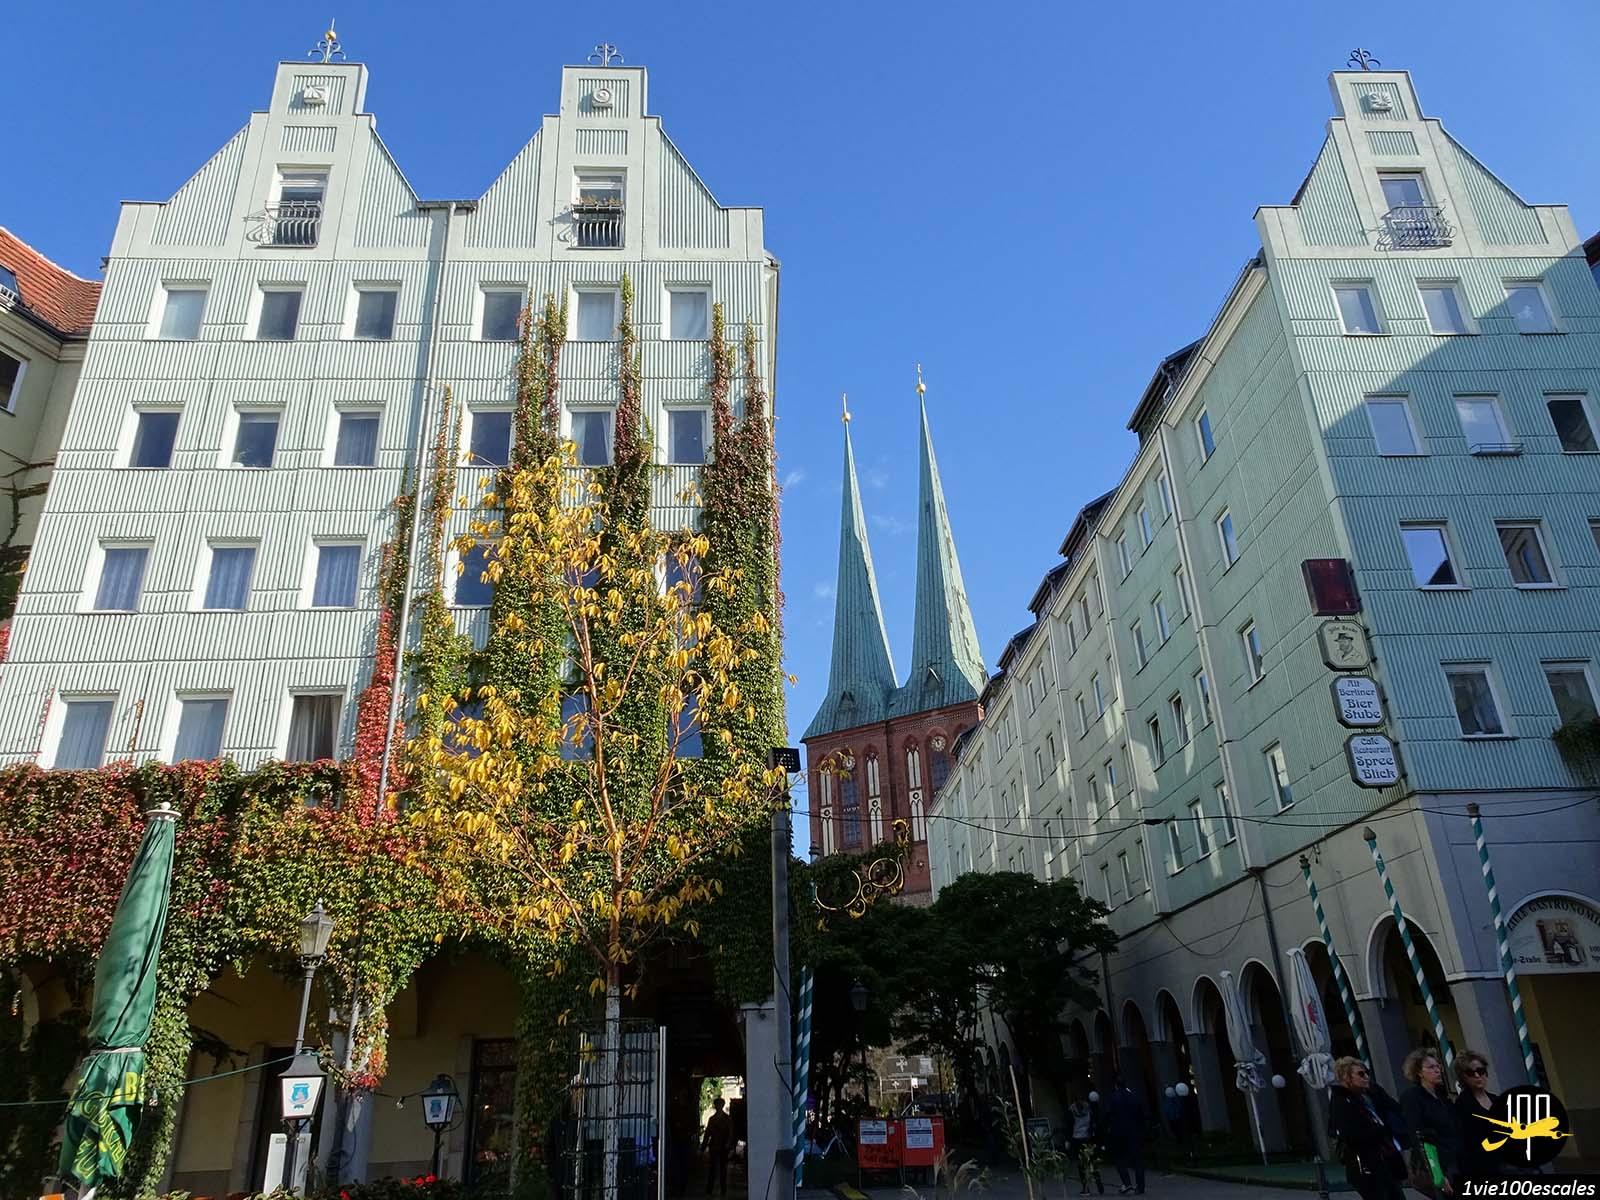 L'architecture berlinoise ainsi que l'église Nikolaikirche de Berlin